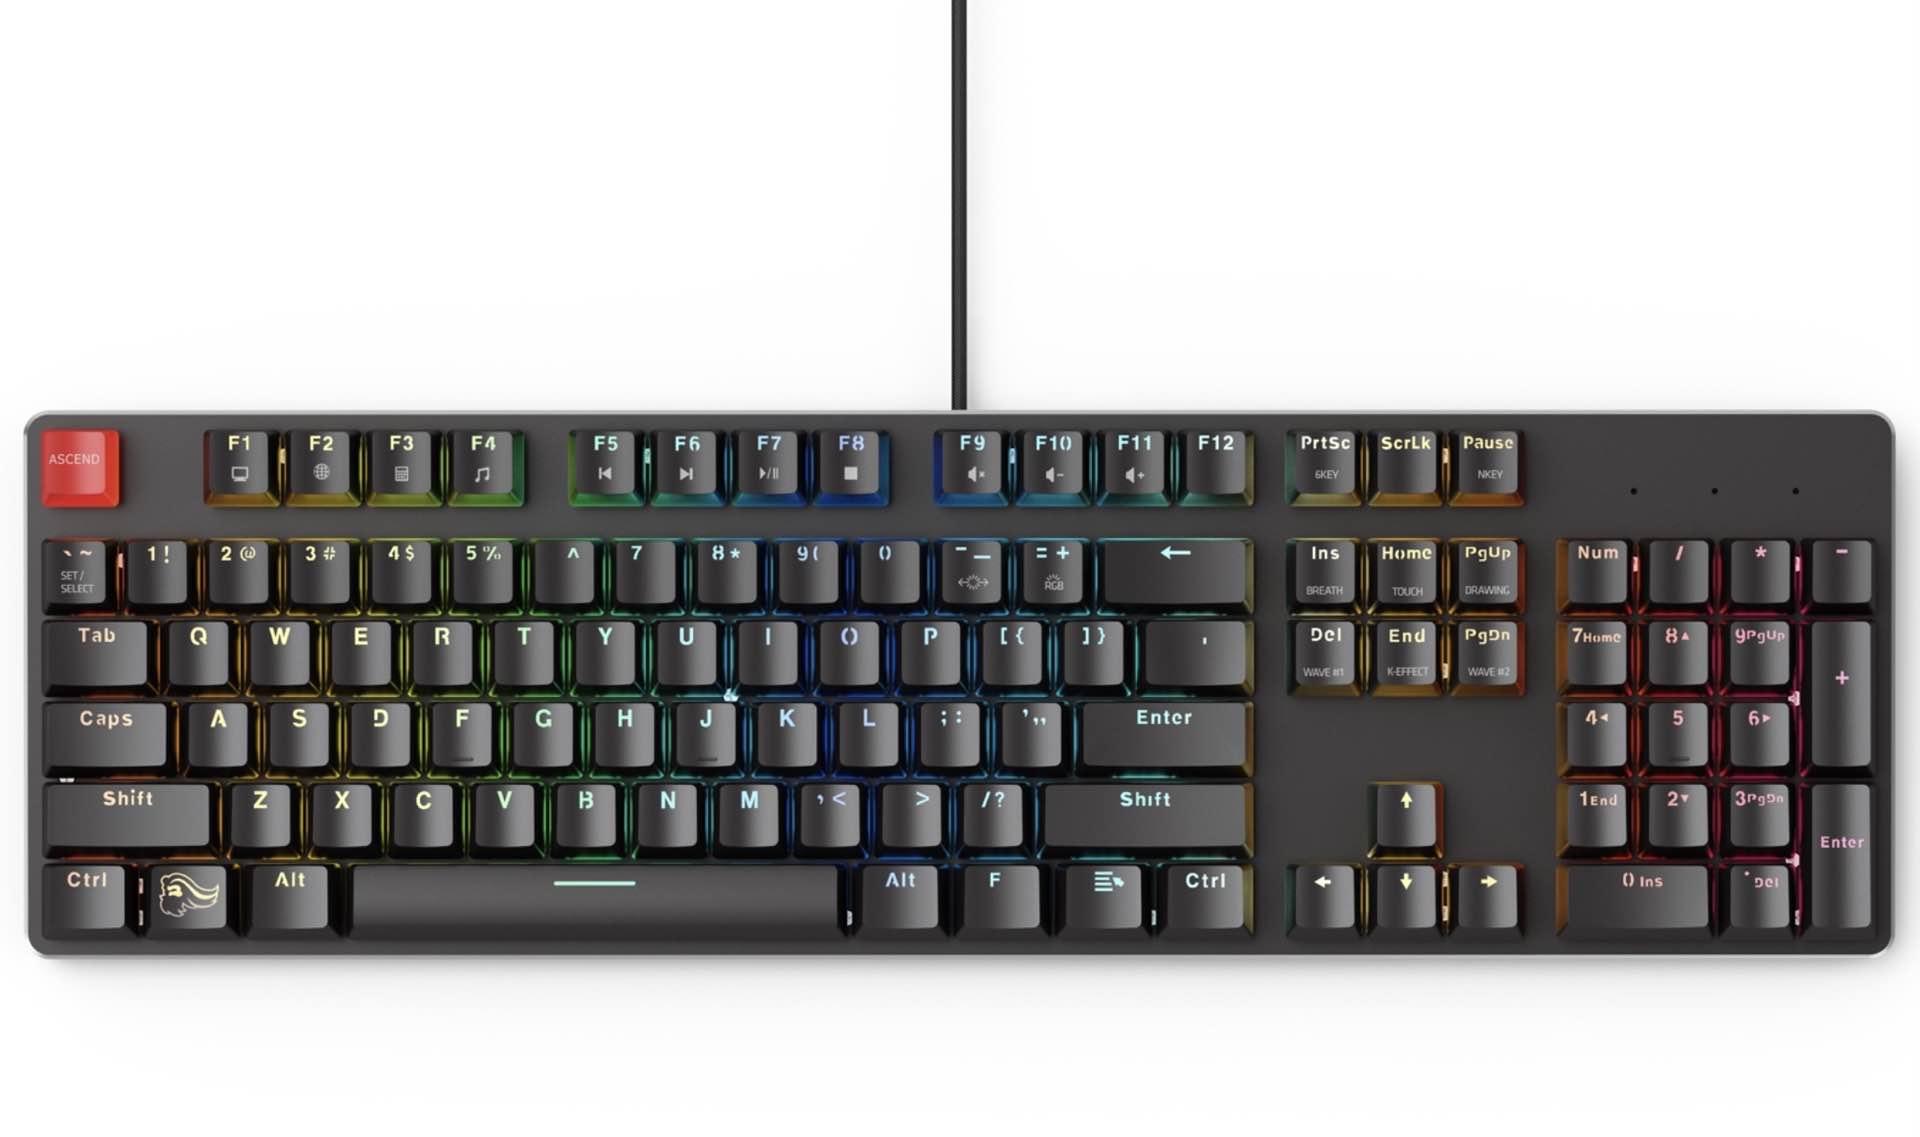 gmmk-modular-mechanical-gaming-keyboard